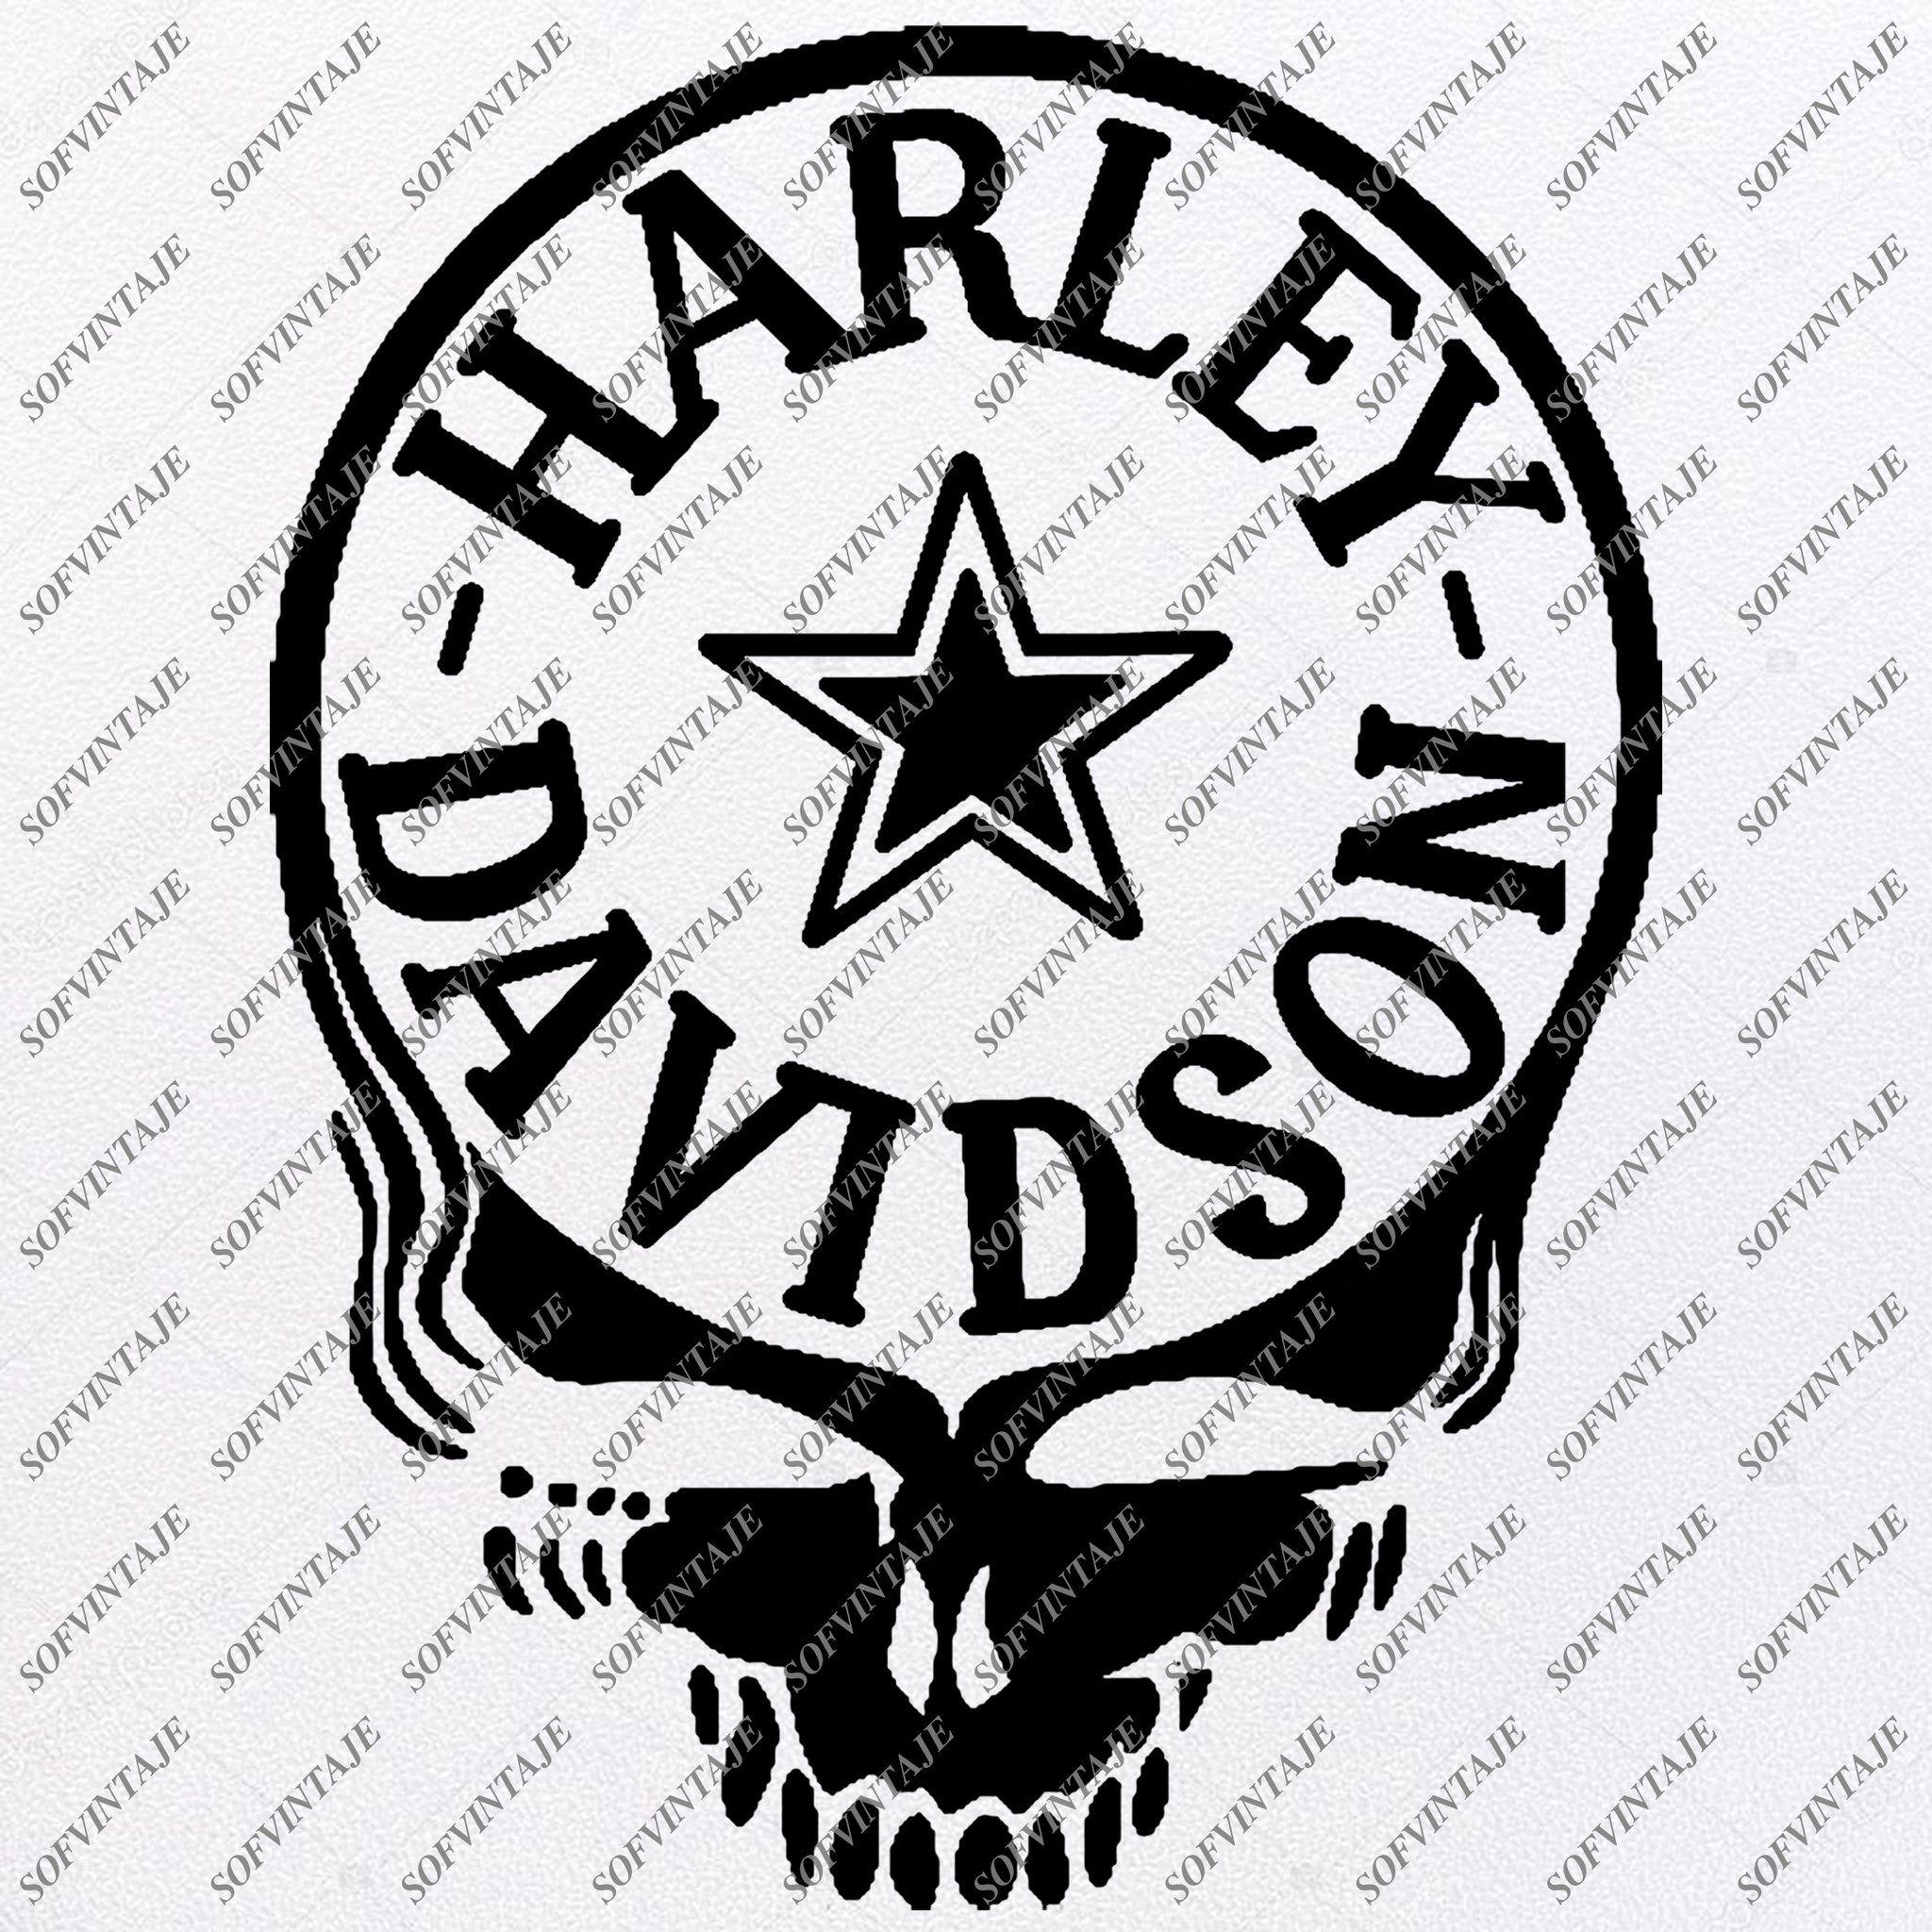 Harley Davidson Svg File Skull Harley Davidson Svg Design Clipart Tat Sofvintaje In 2020 Svg Design Silhouette Svg Vector Graphics